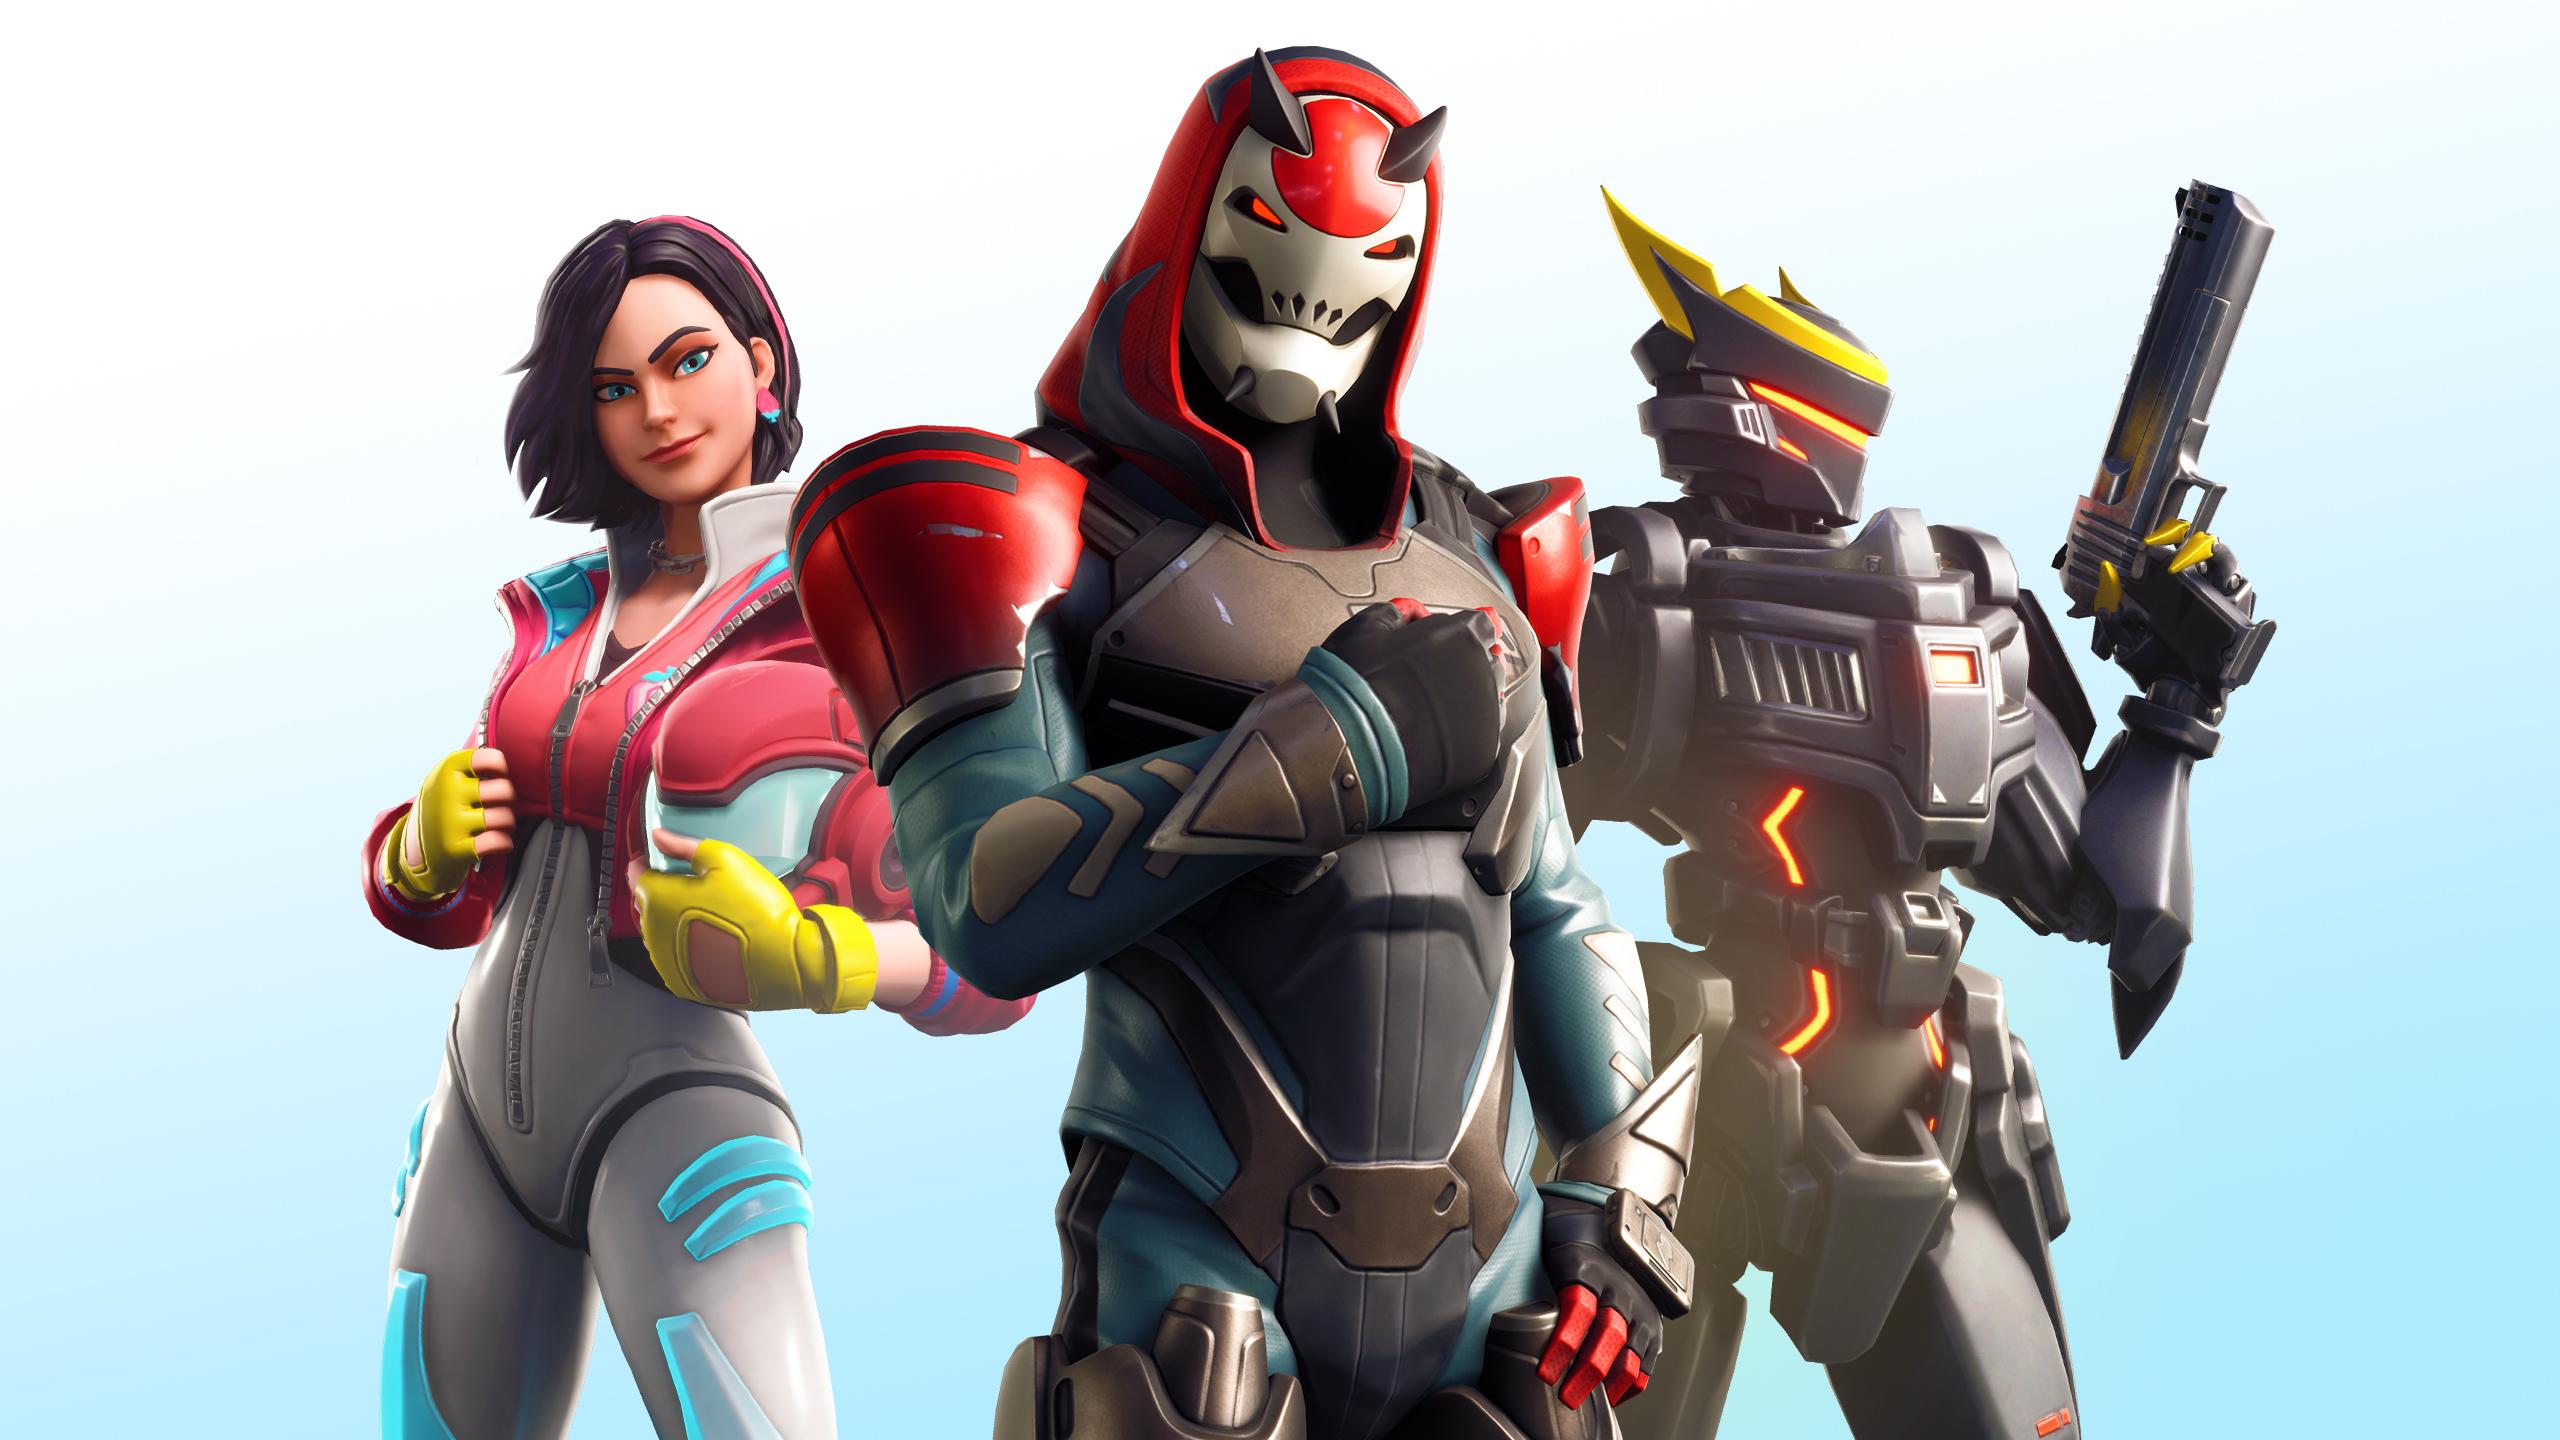 СМИ: Epic Games рассматривает идею сделать фильм по Fortnite